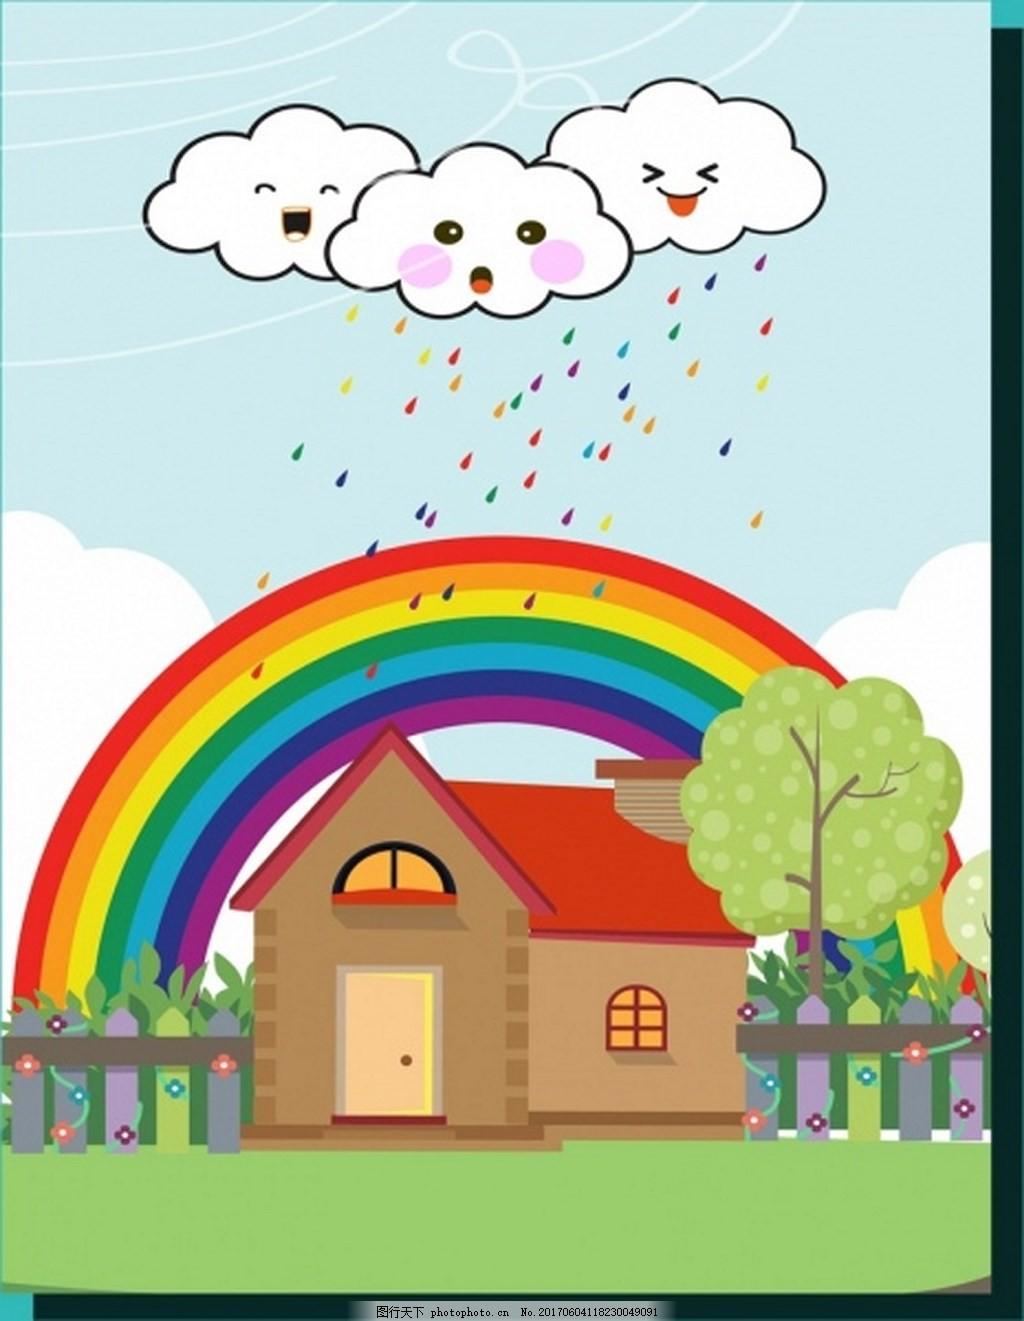 漂亮房子彩虹白云背景图